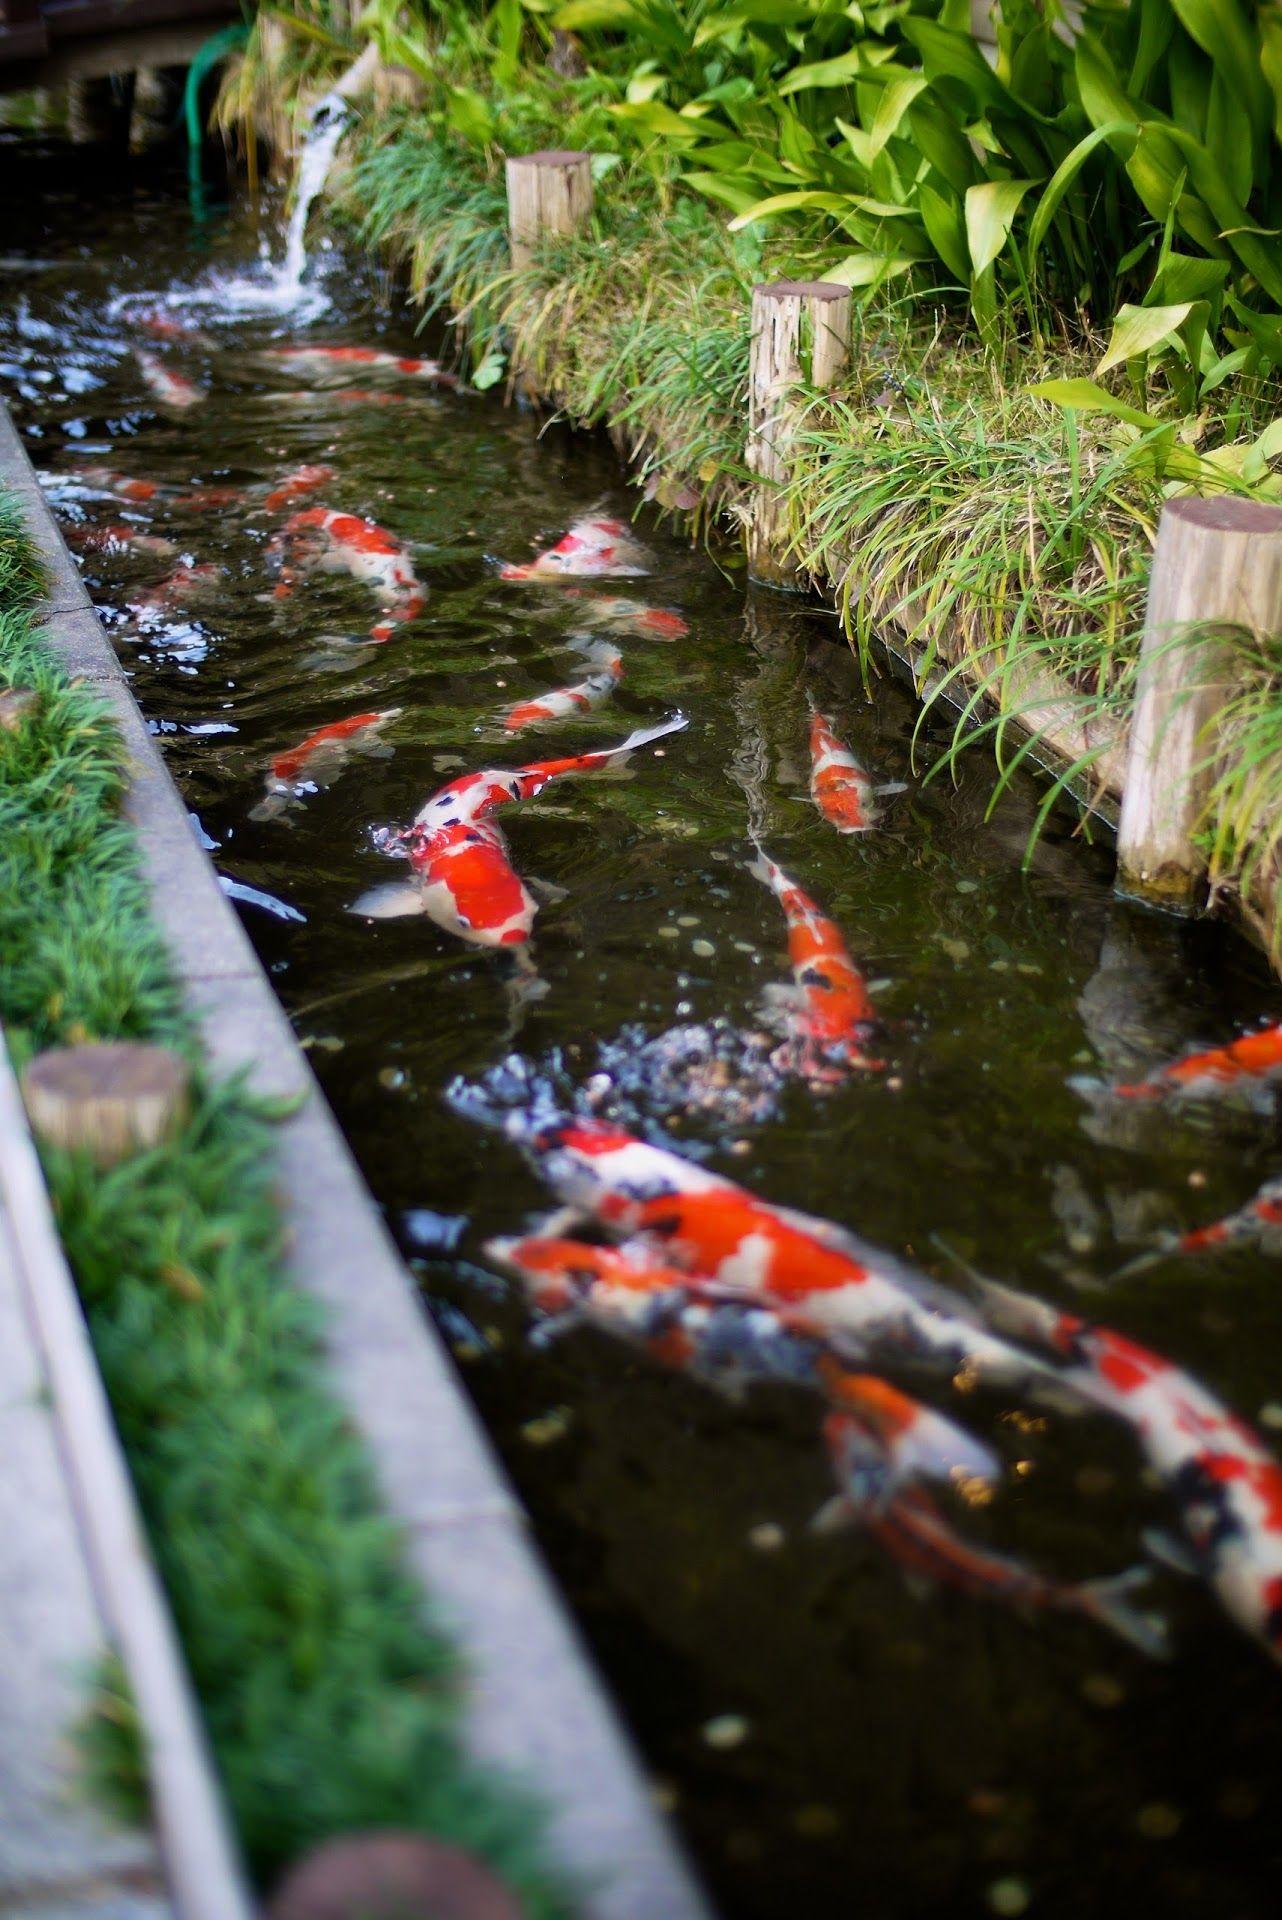 Photo in scrapbook photos google photos casa y jard n for Estanques japoneses jardin